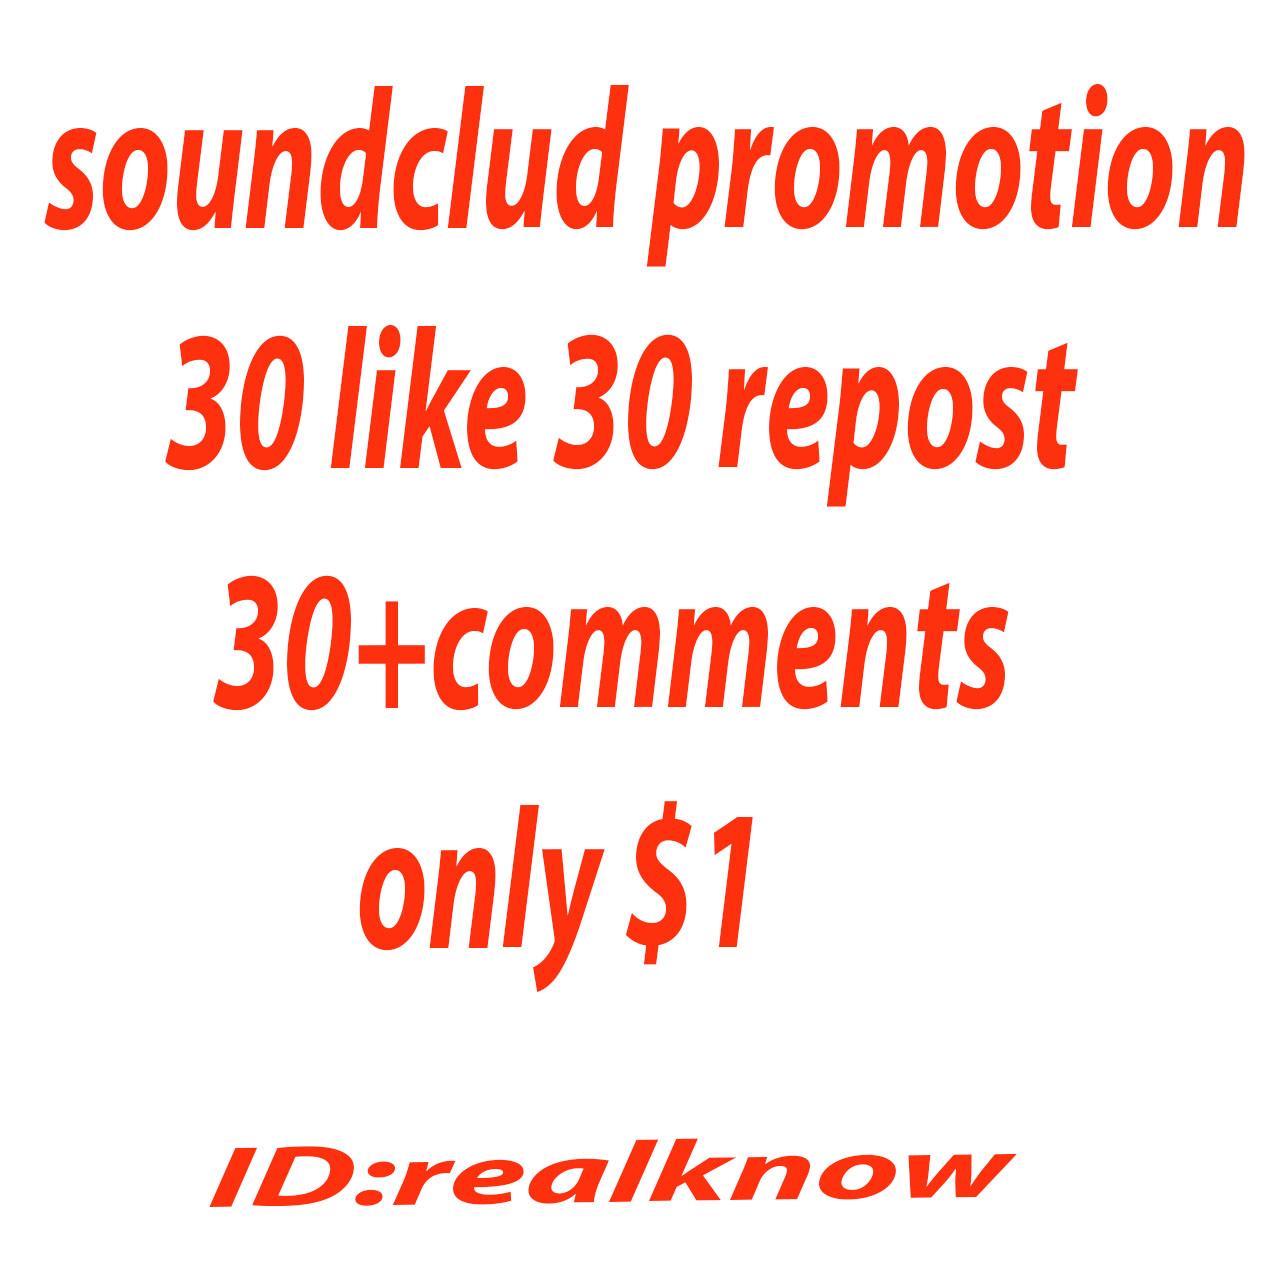 SoundCloud promotion 30 like + 30 comments + 30 repost